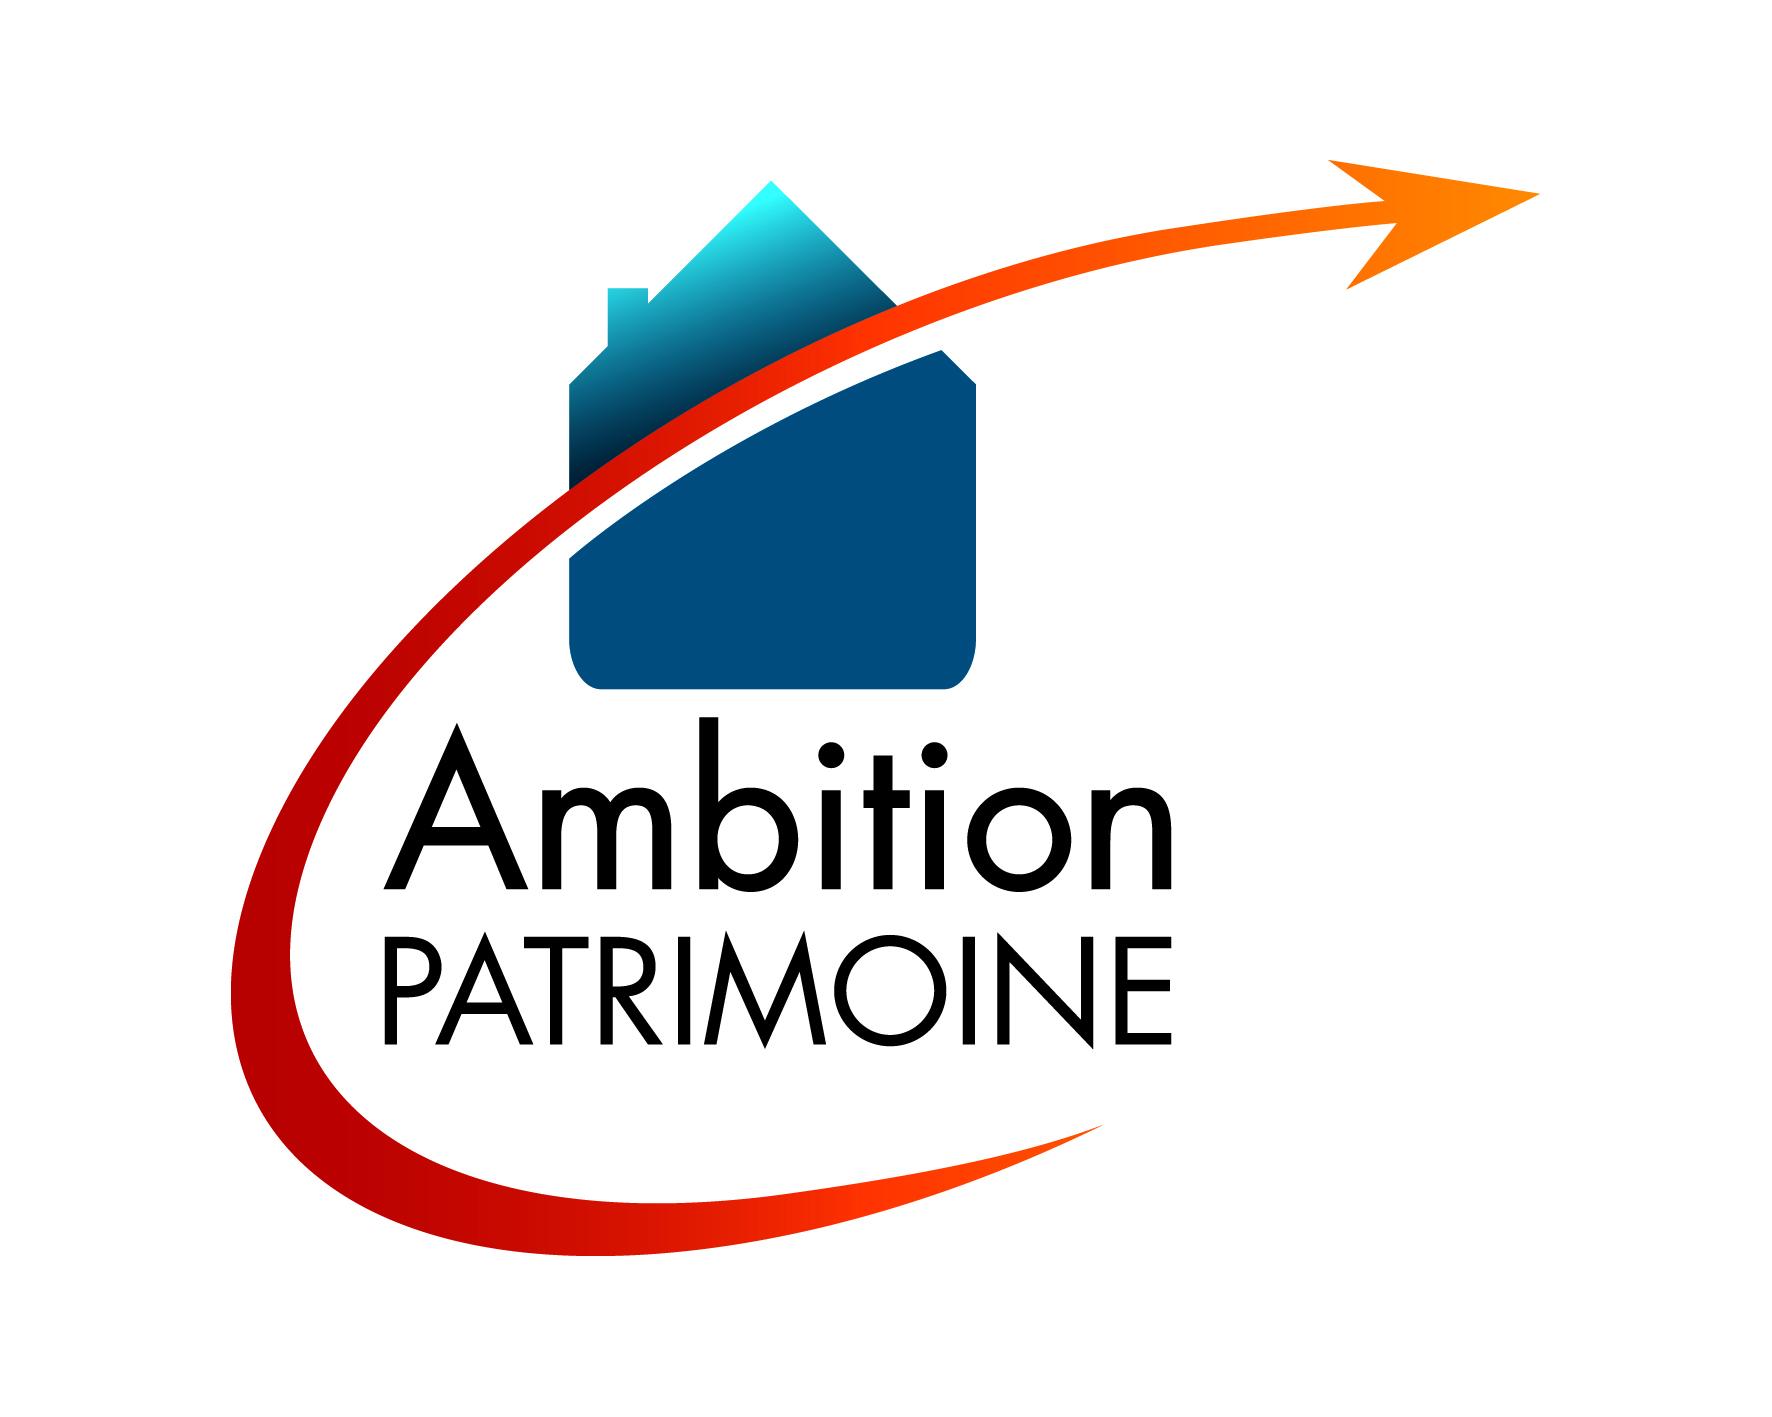 Ambition Patrimoine